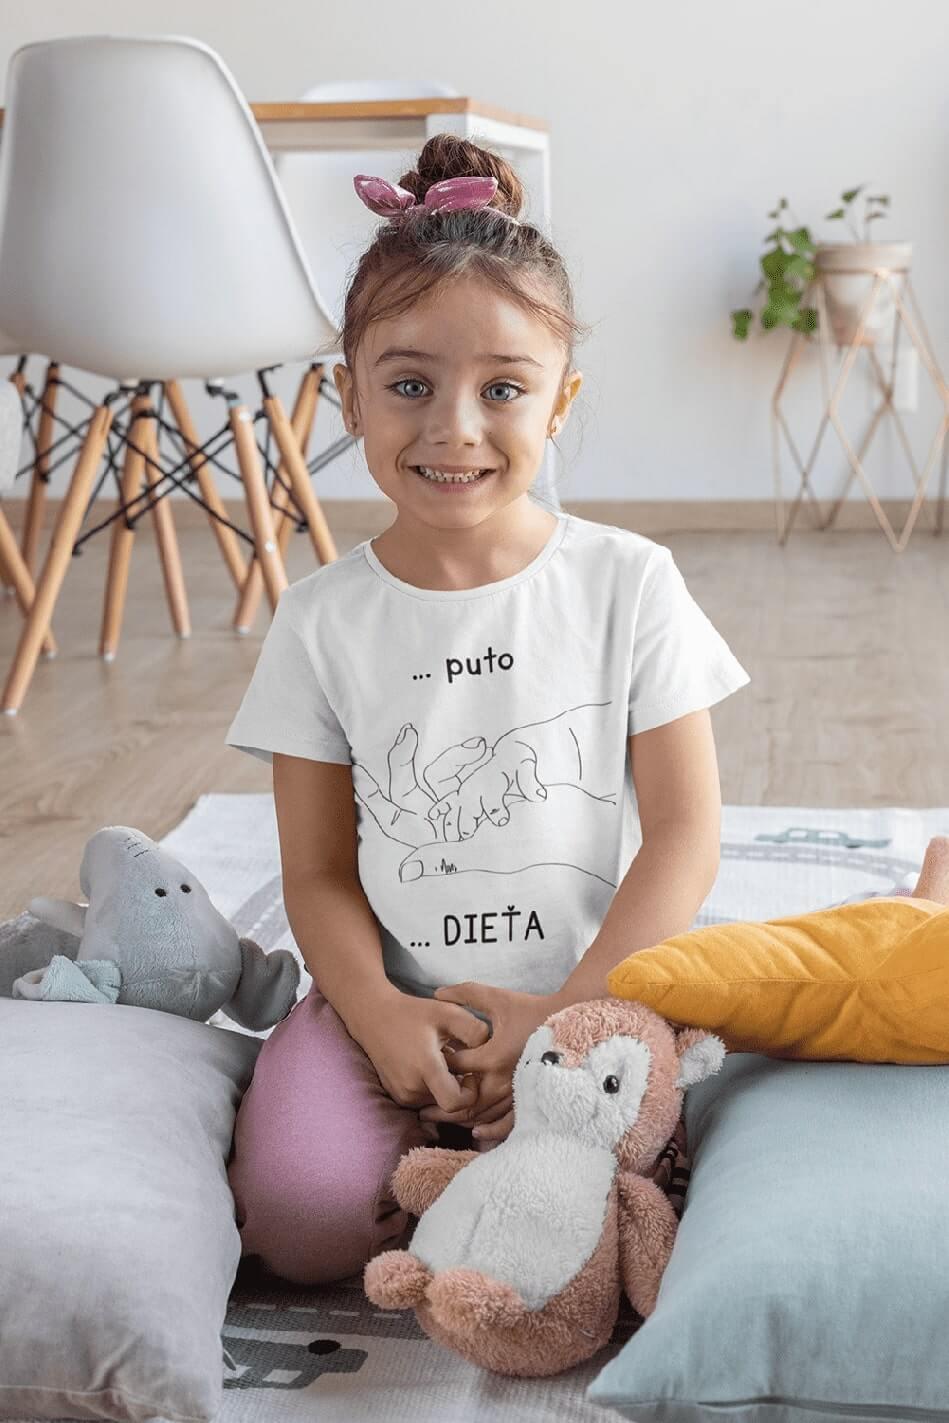 MMO Tričko pre dieťa Puto Vyberte farbu:: Biela, Detská veľkosť: 122/6 rokov